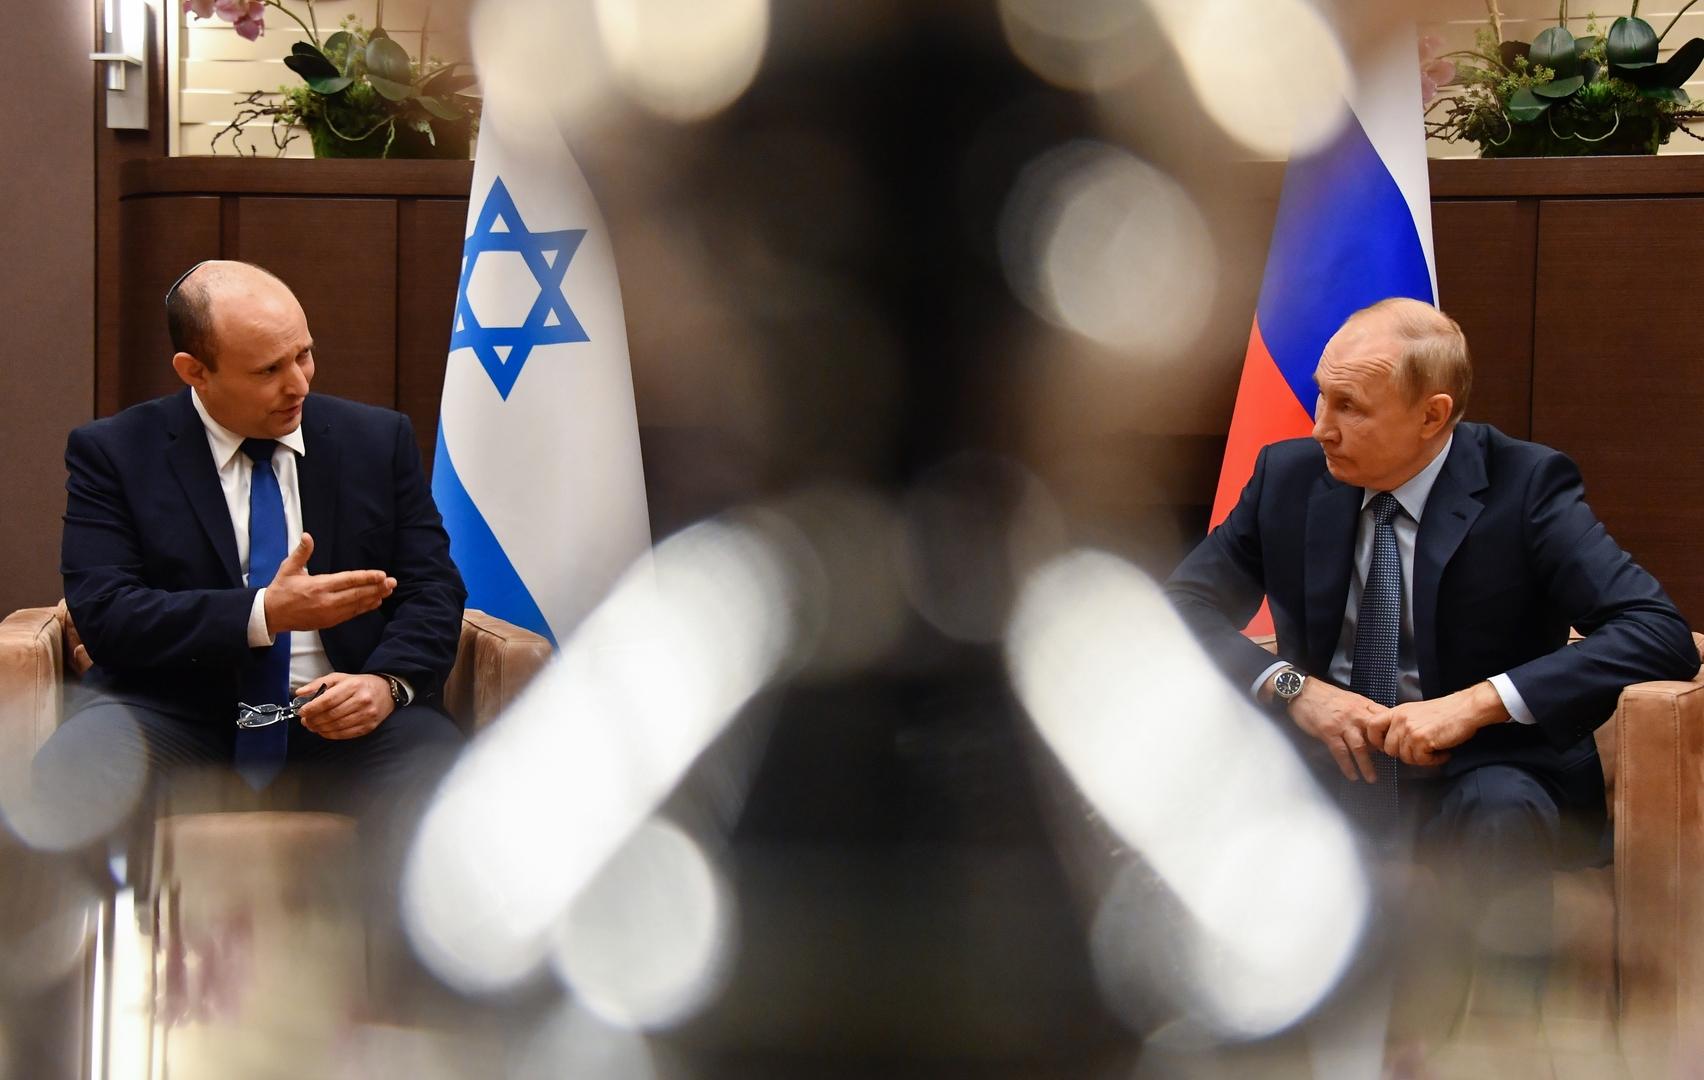 بوتين لبينيت: لدى روسيا وإسرائيل خلافات عديدة بشأن سوريا لكن هناك نقاط تماس أيضا